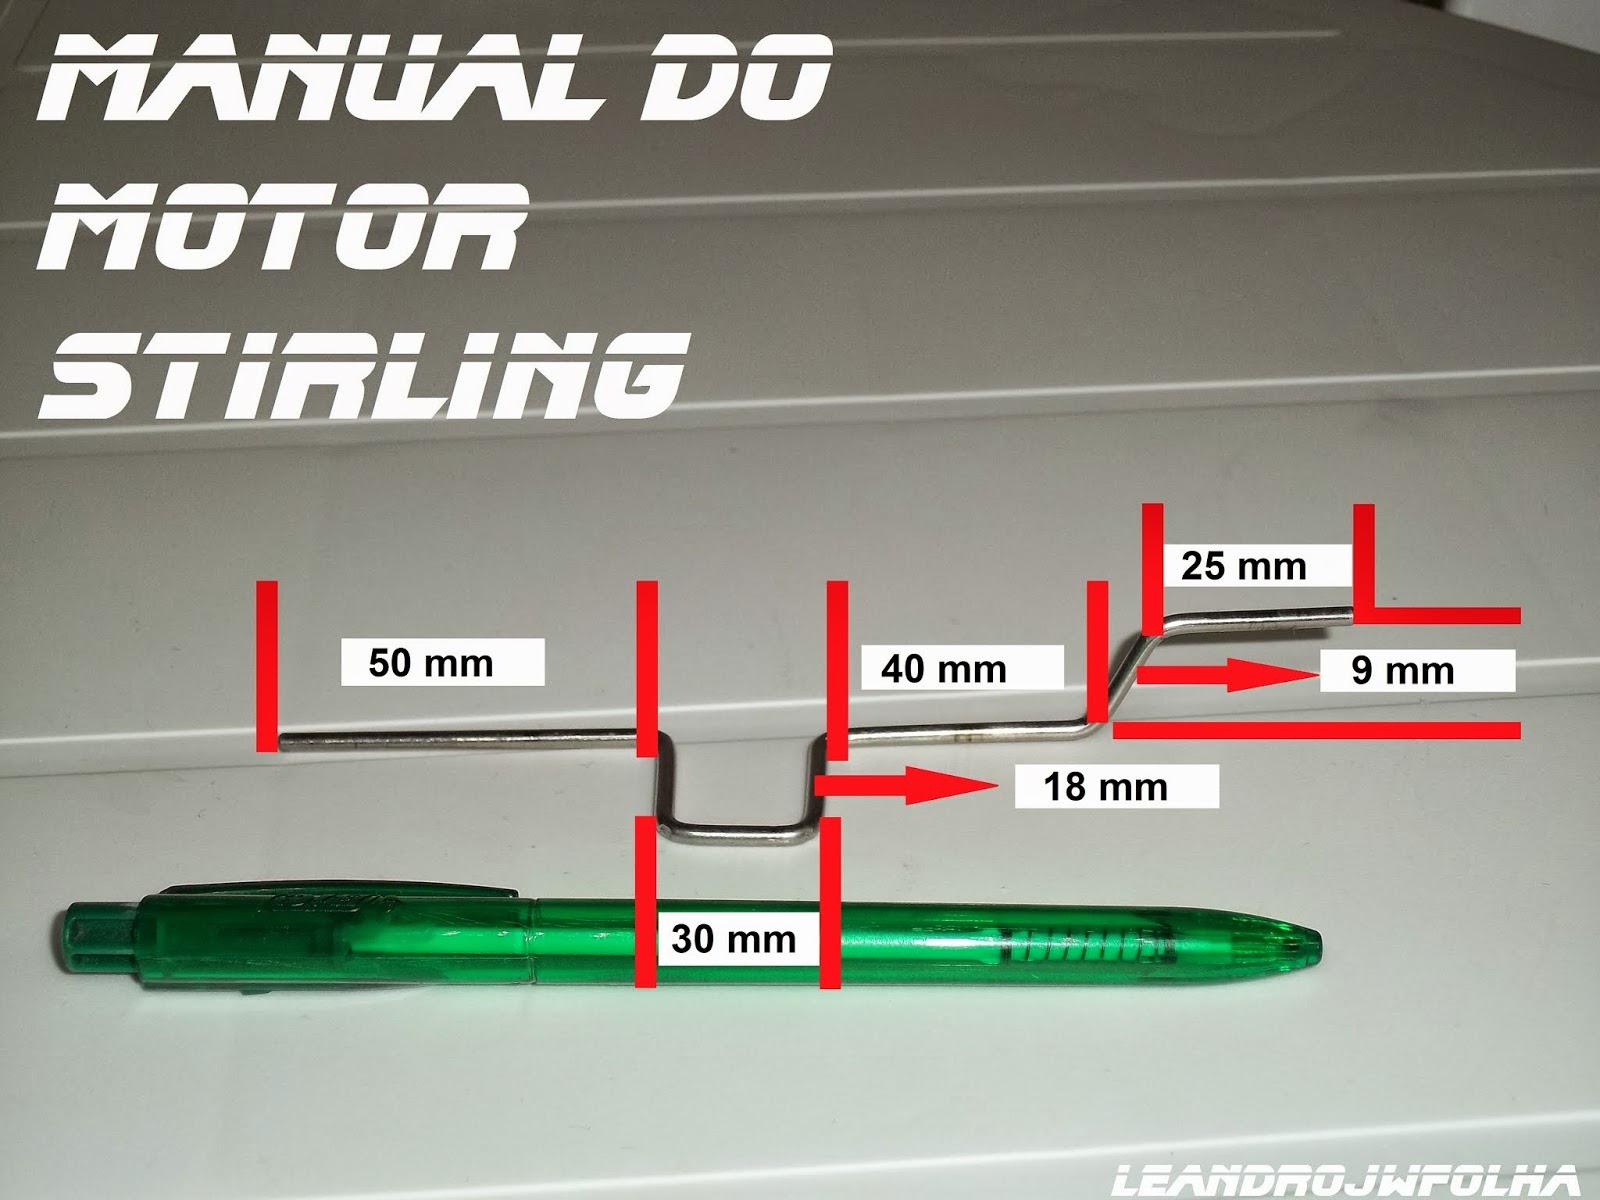 Medida do virabrequim do tutorial do motor stirling gama em latas de alumínio